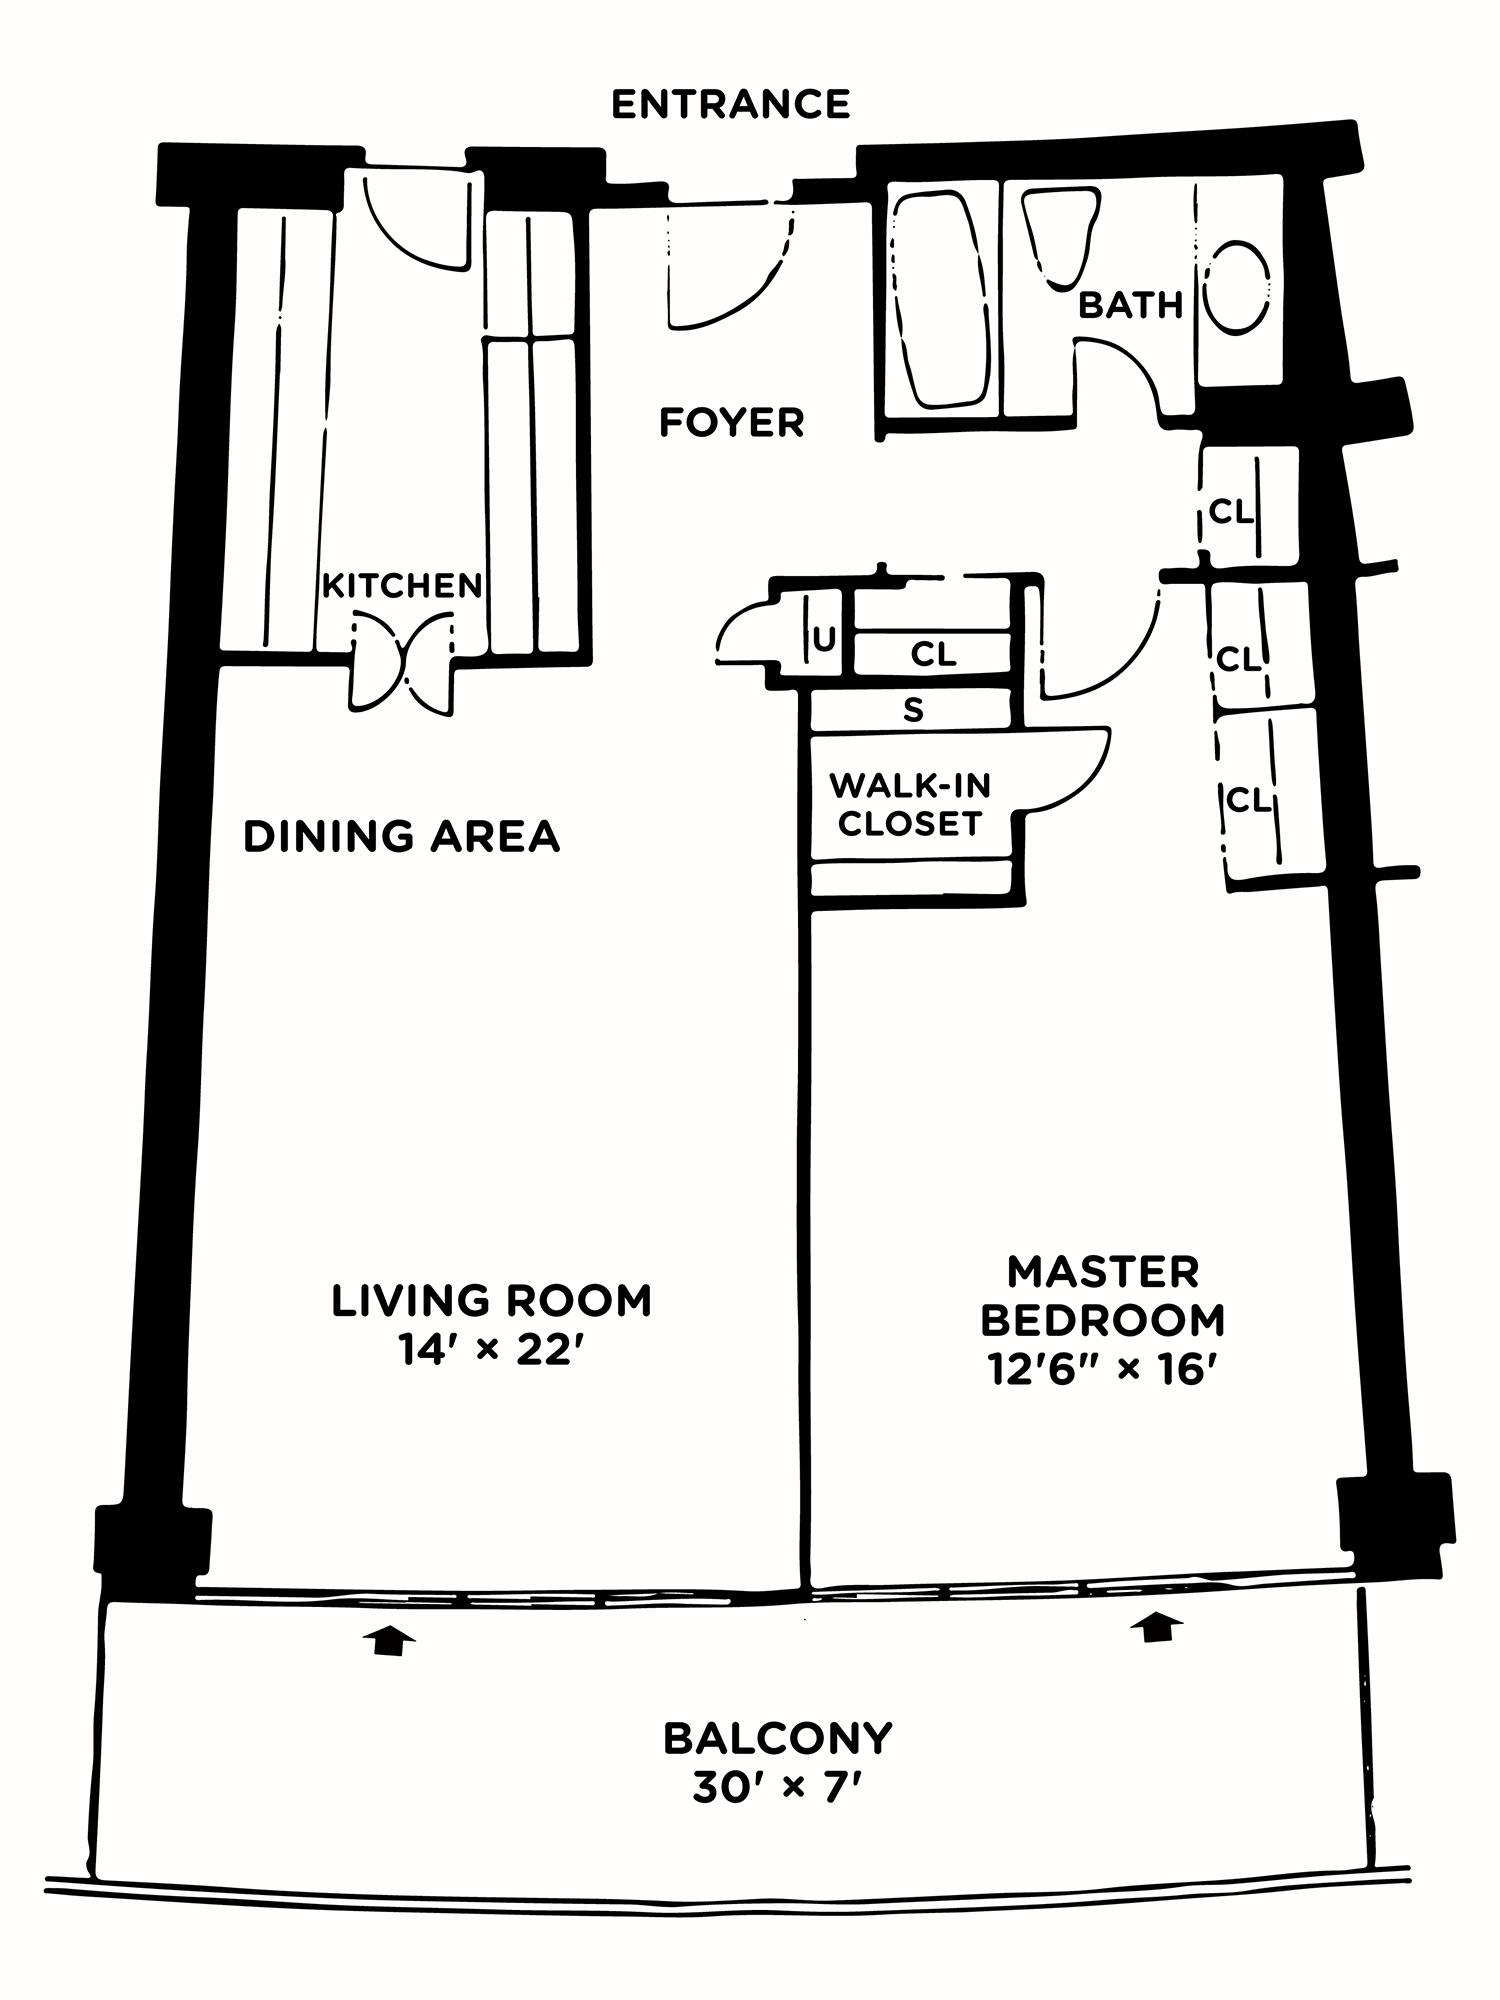 19-612 Floor Plan.png